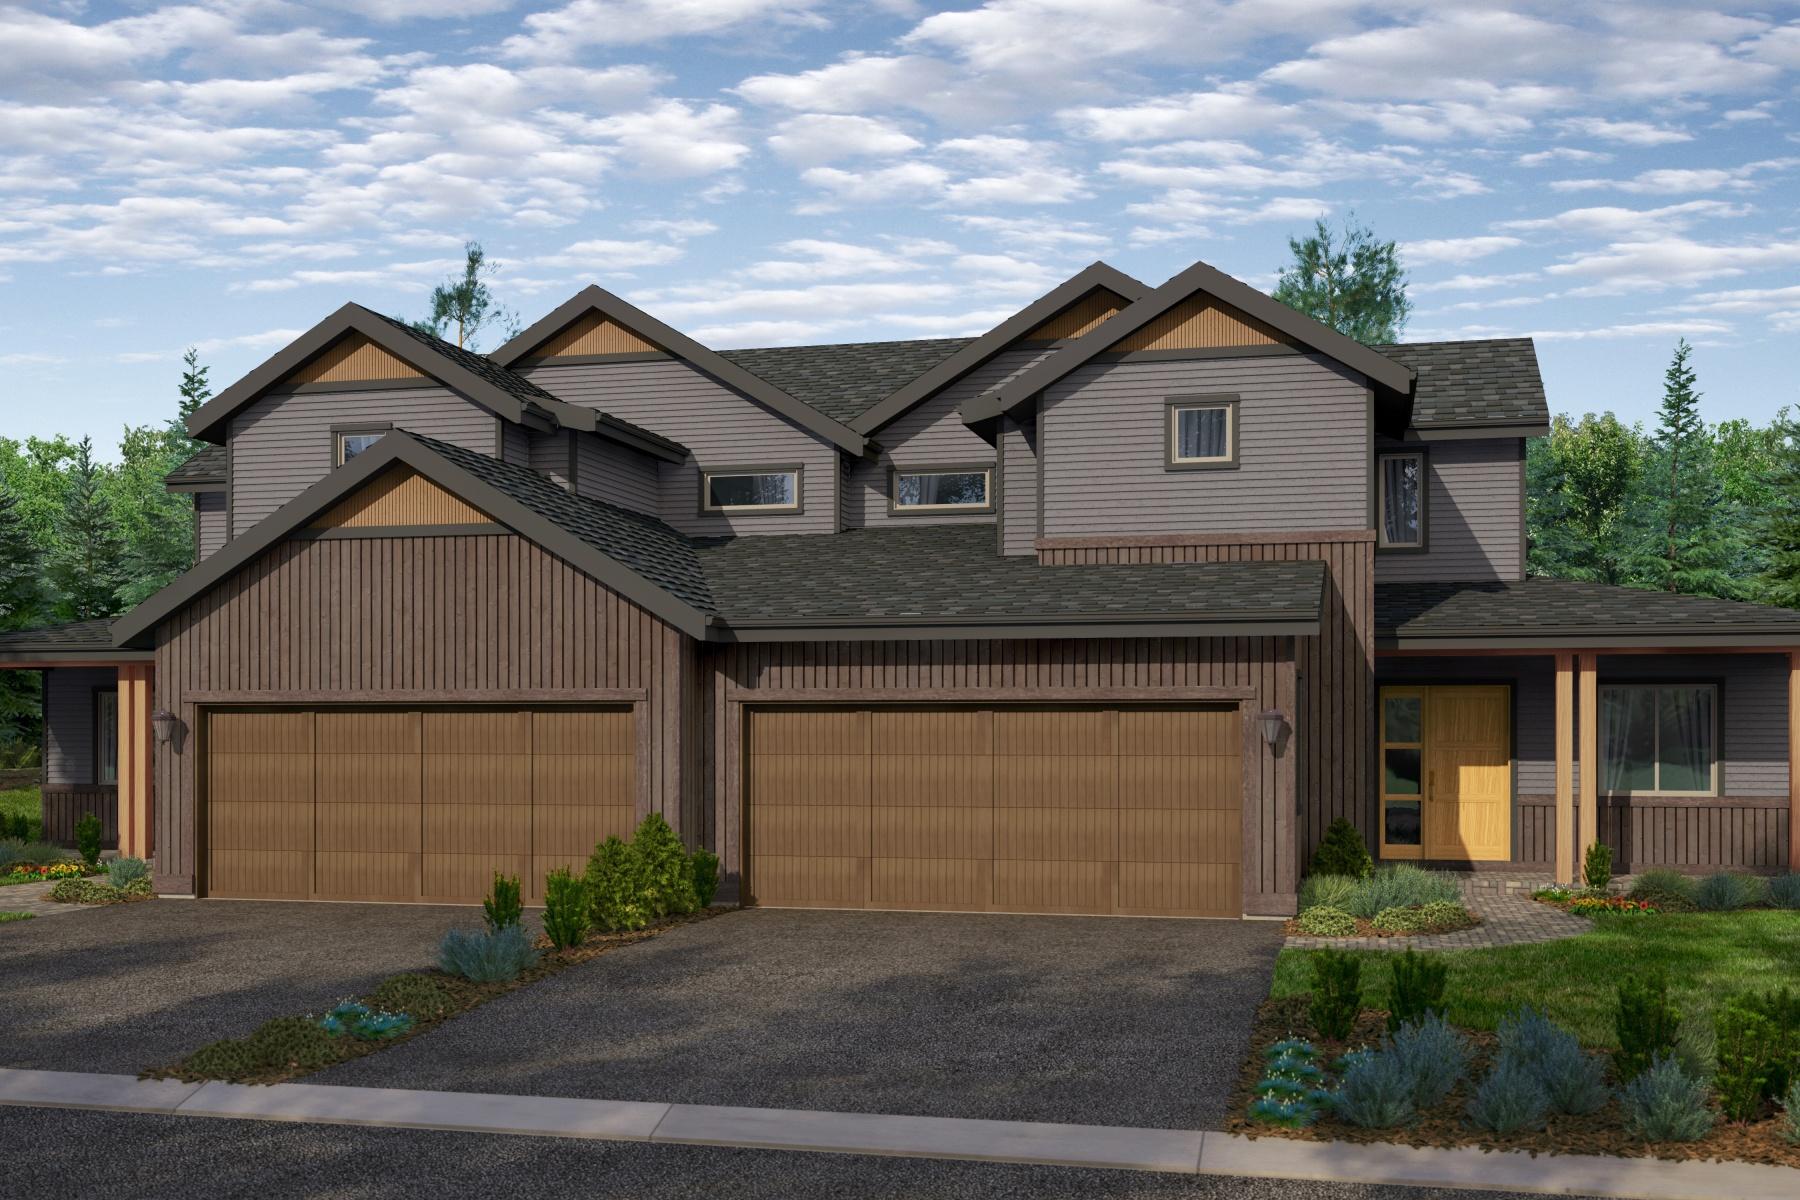 独户住宅 为 销售 在 60499 Kangaroo, Bend 60499 Kangaroo Loop Lot 24, 本德, 俄勒冈州, 97702 美国